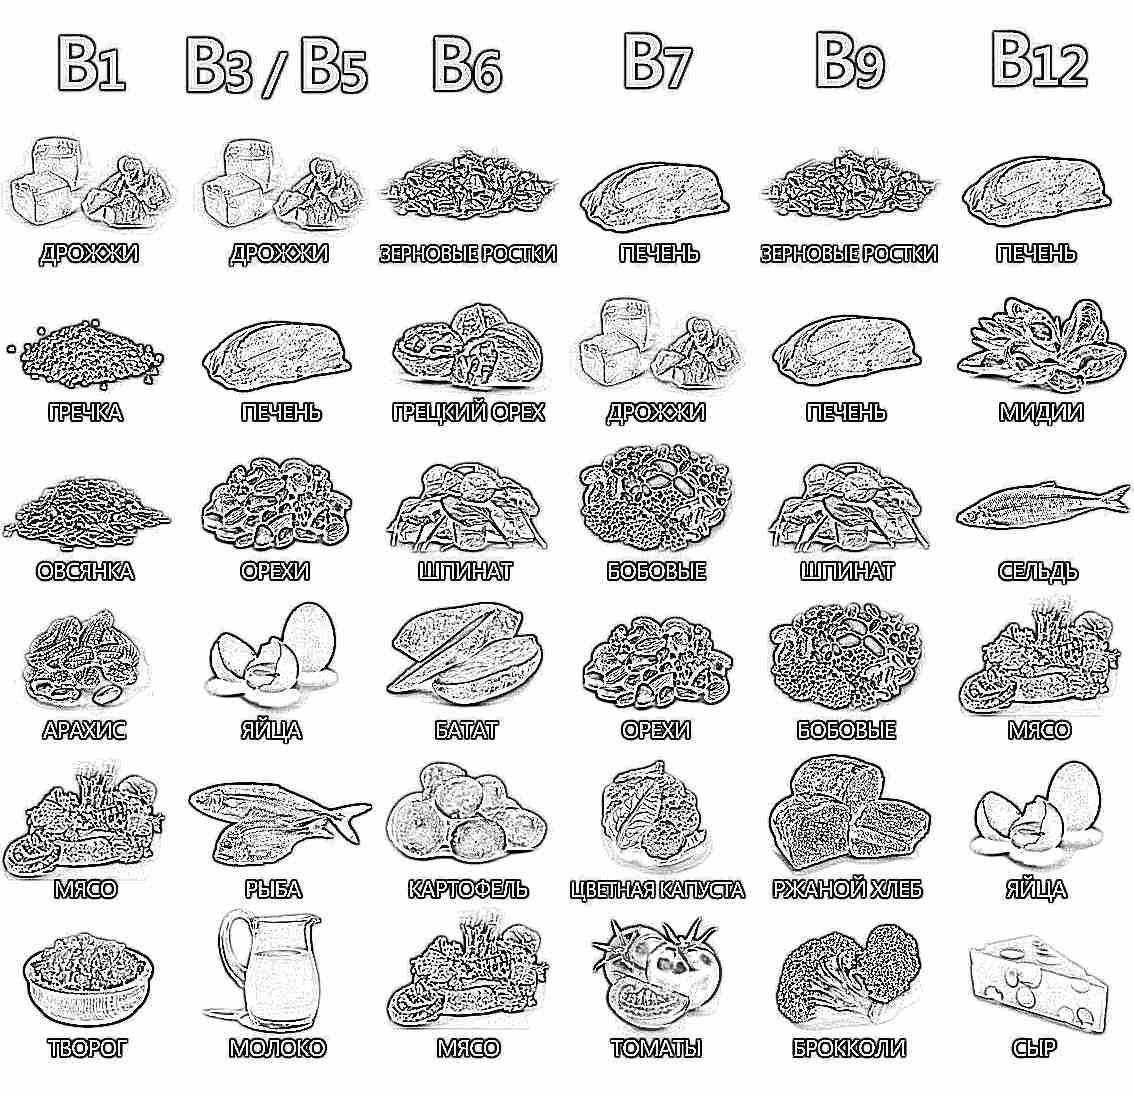 Содержание витаминов в продуктах!